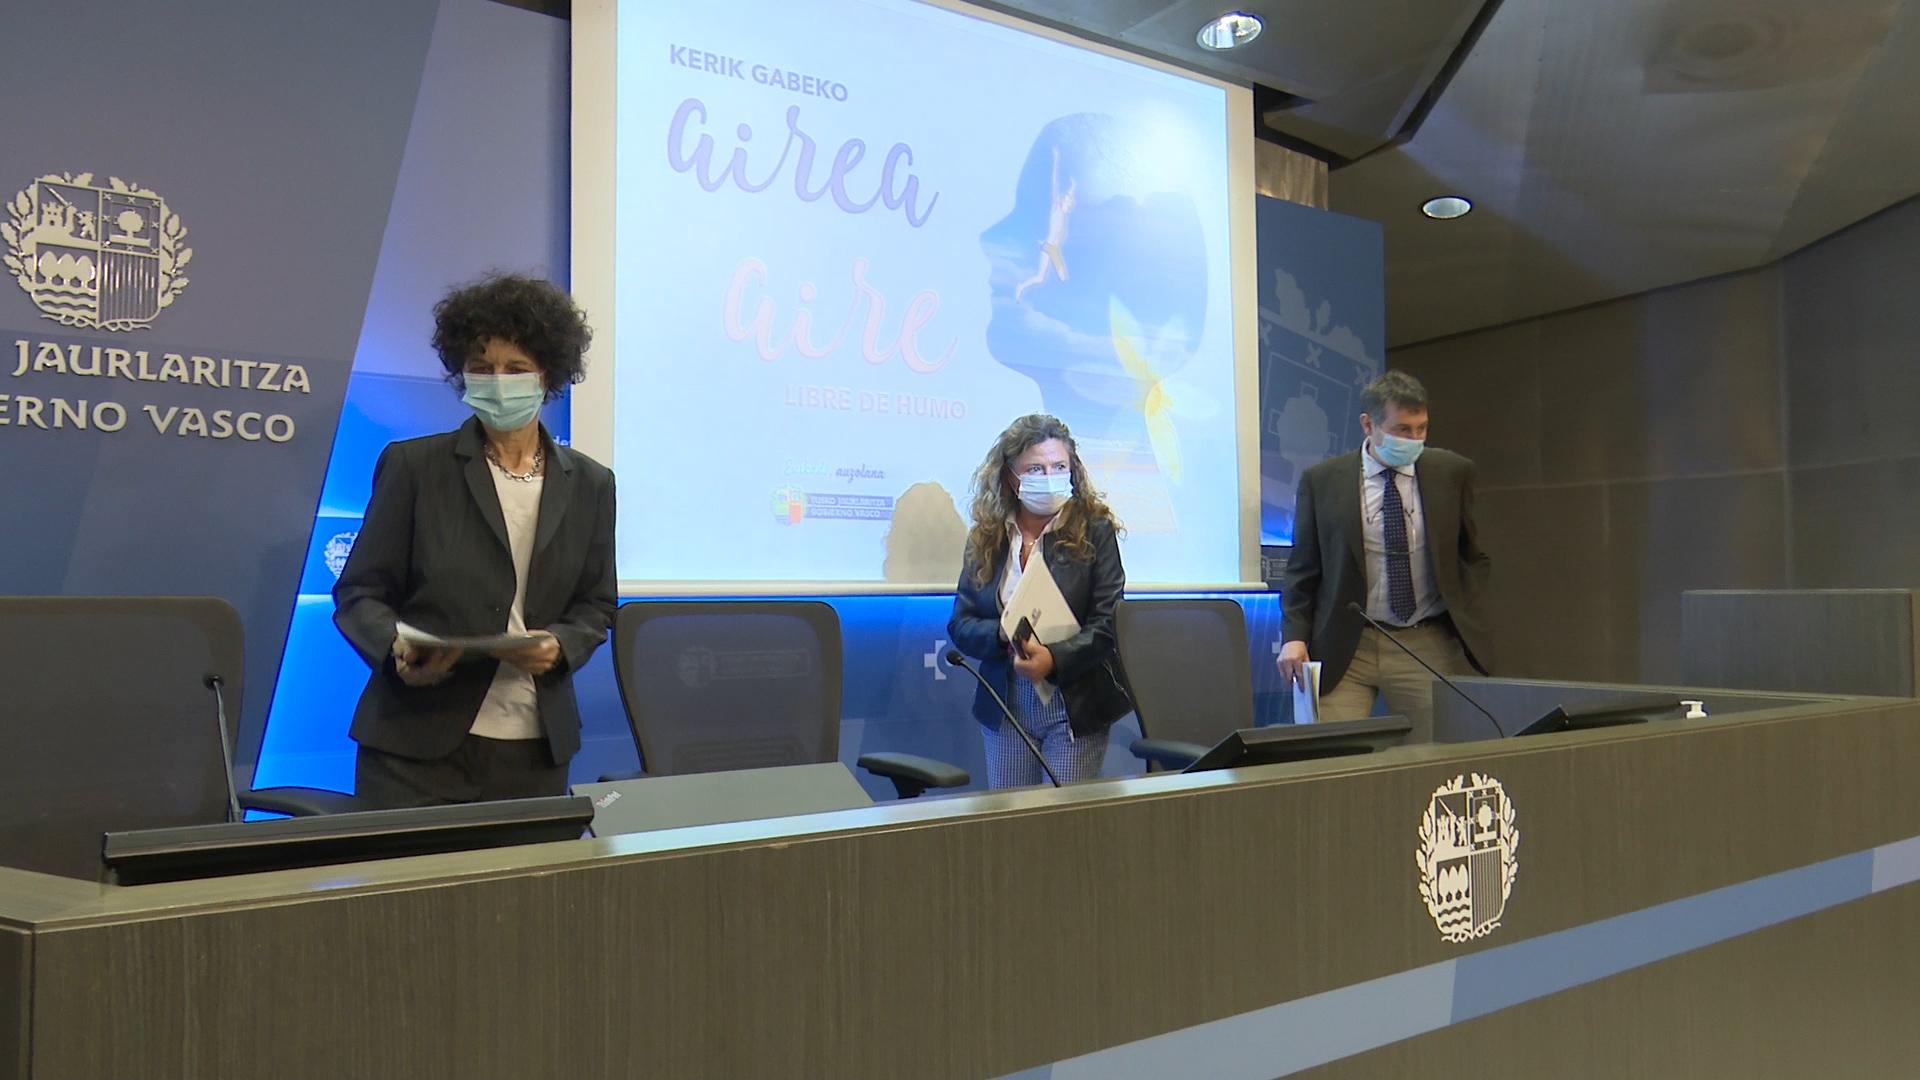 Día Mundial sin Tabaco [29:06]